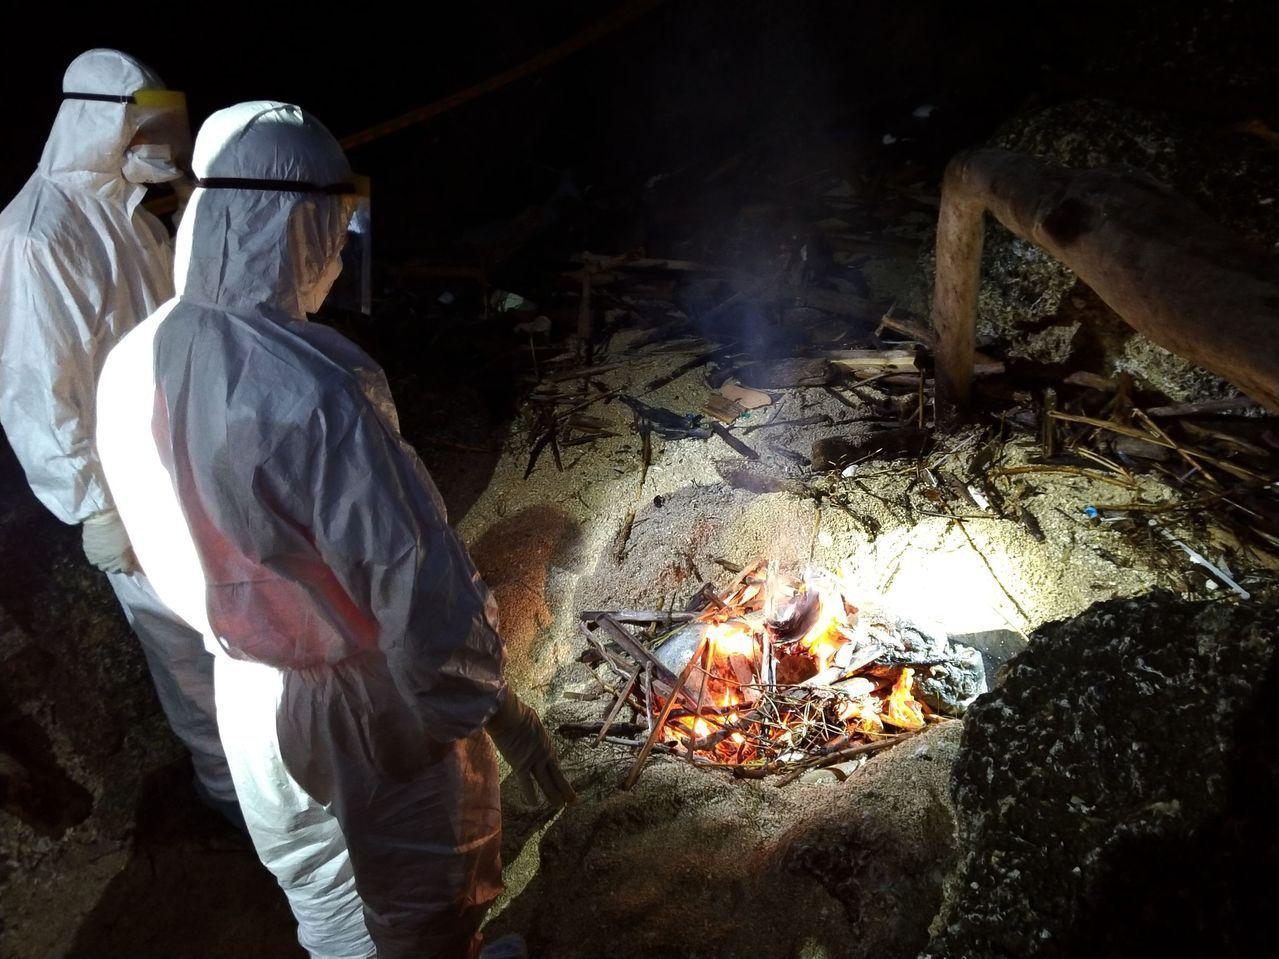 屏東離島小琉球龍蝦洞旁昨晚發現1隻豬屍,防疫人員採集檢體後送家畜衛生試驗所檢驗,...